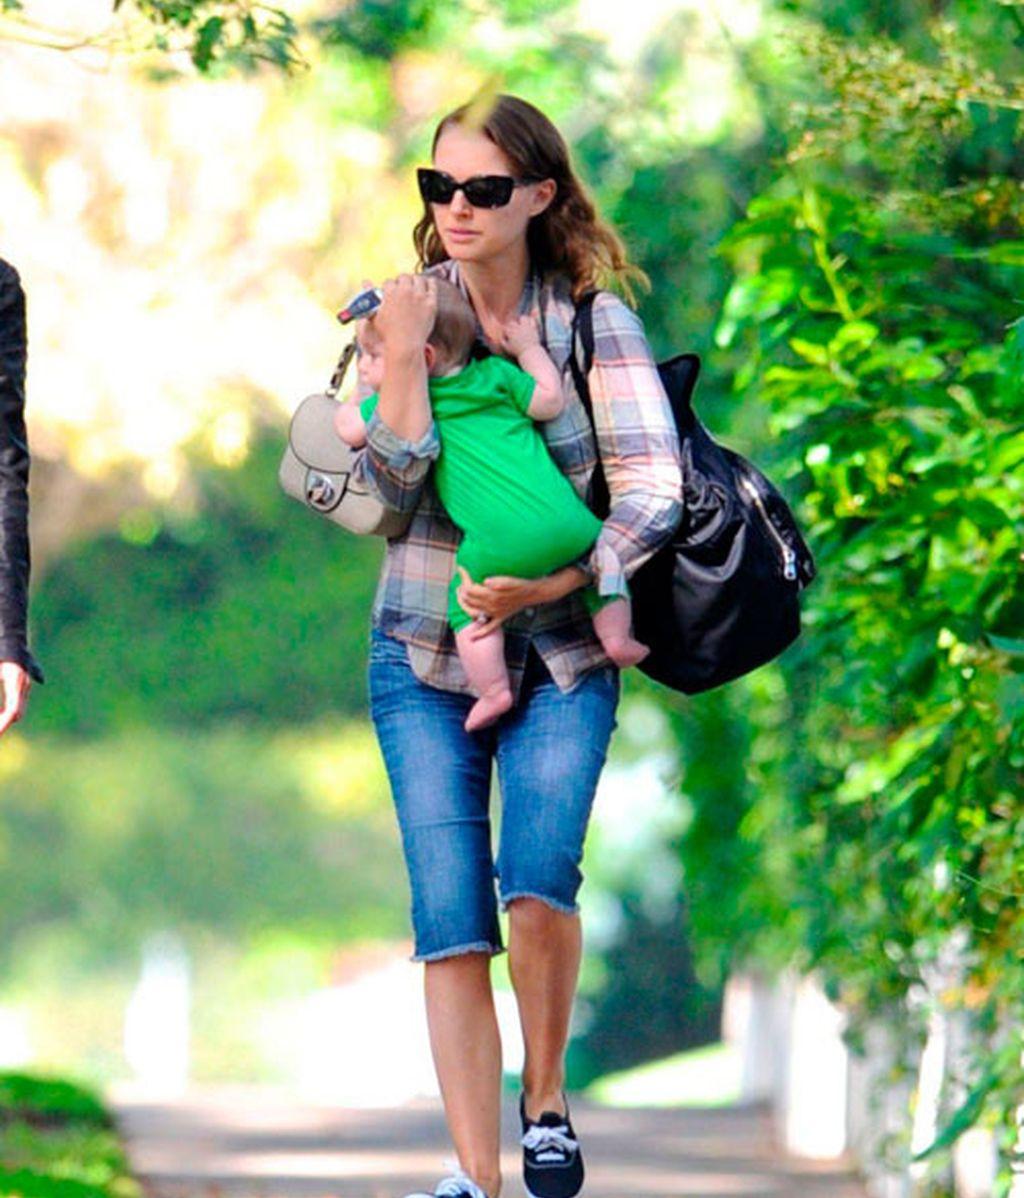 El paseo de Natalie Portman y su hijo Aleph